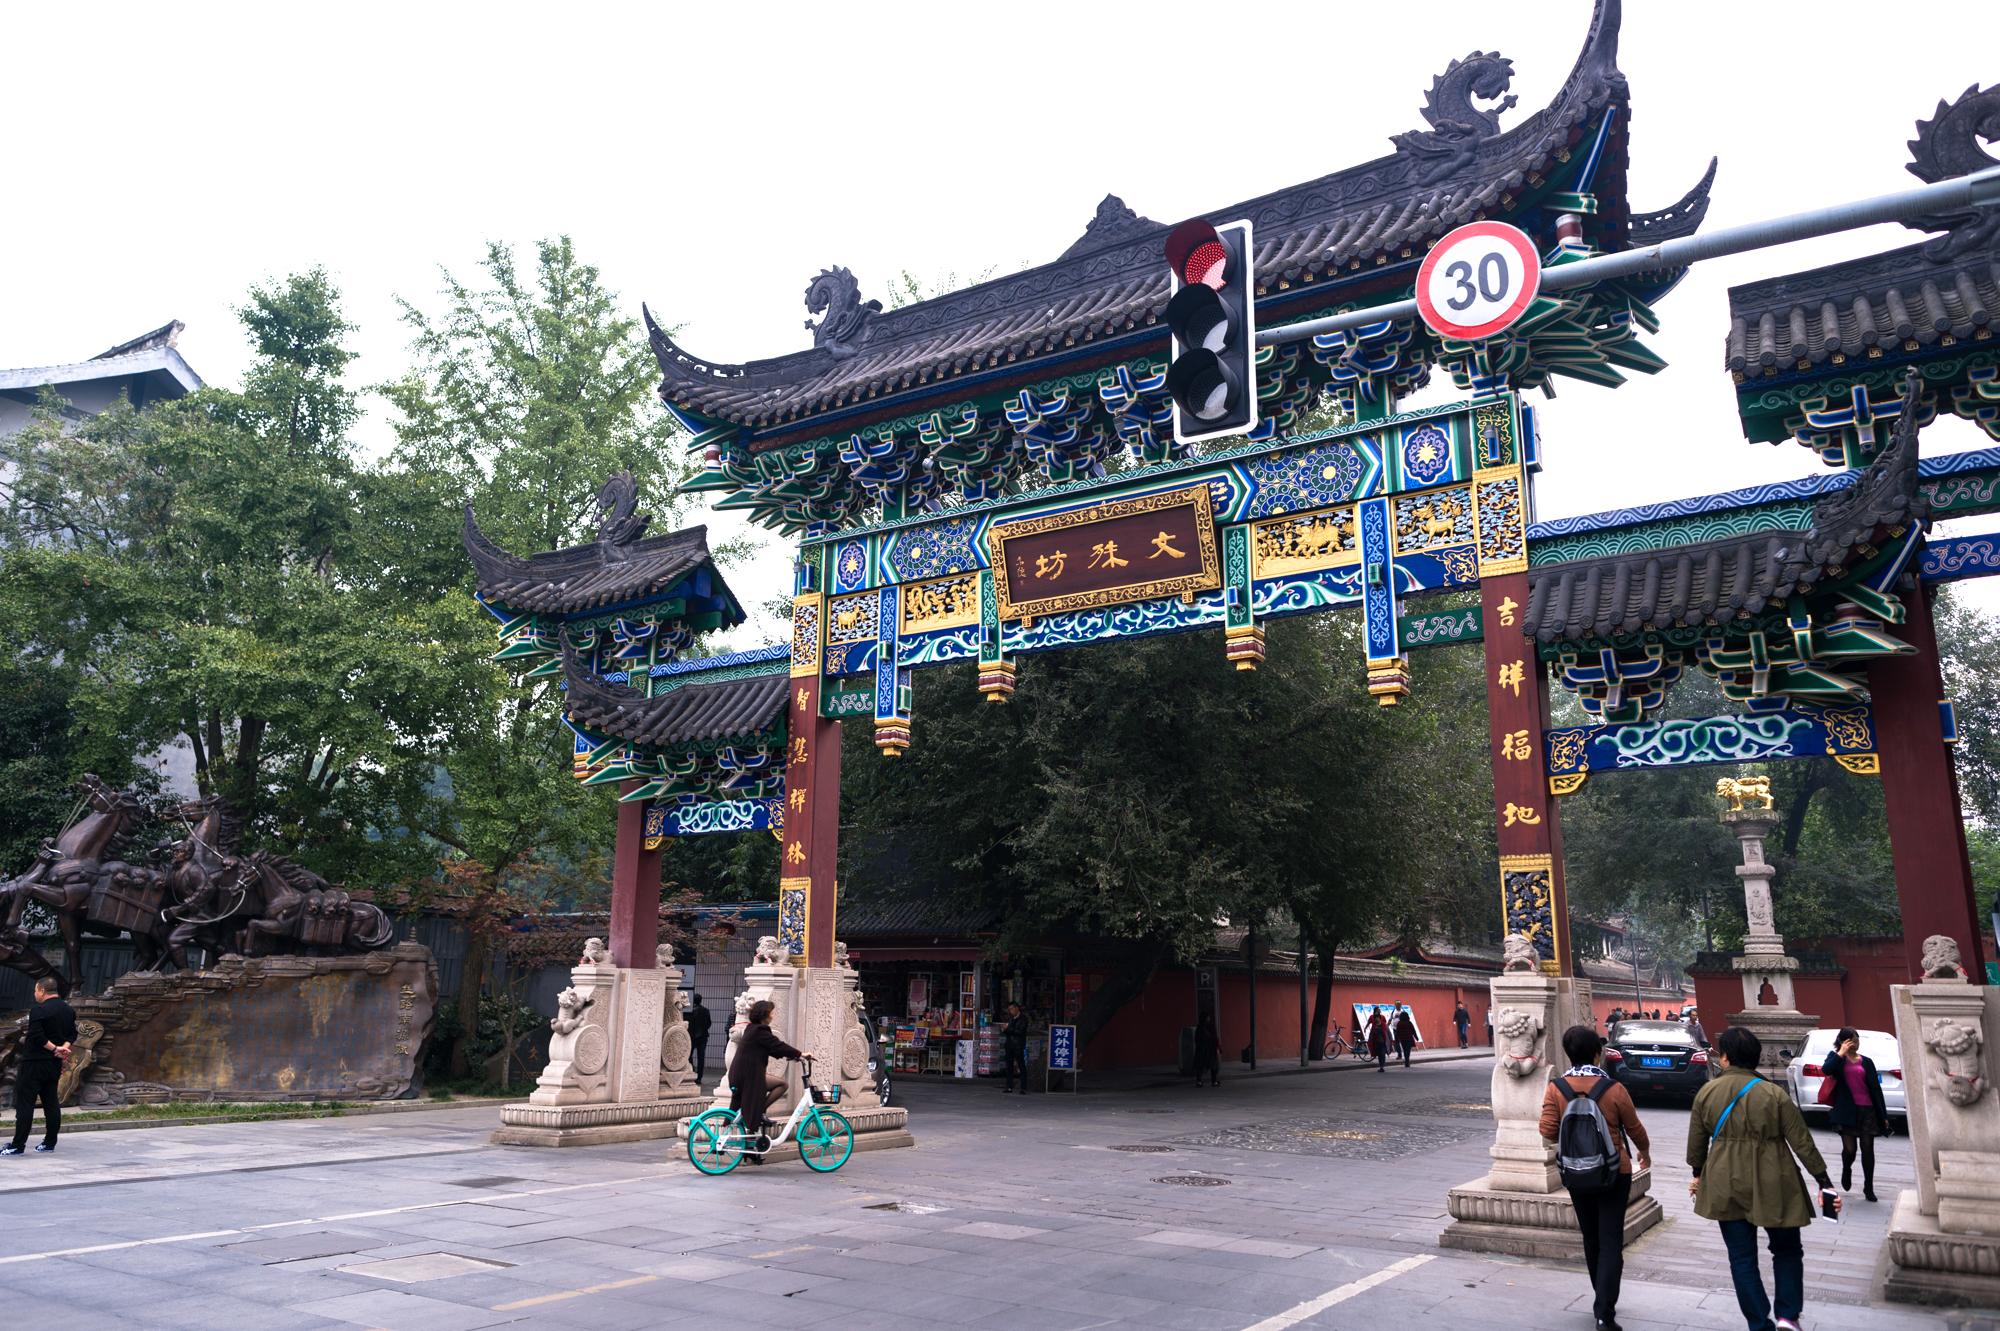 这才是真正的寺庙,距今1400年历史从不收门票,康熙曾御赐金匾_成都